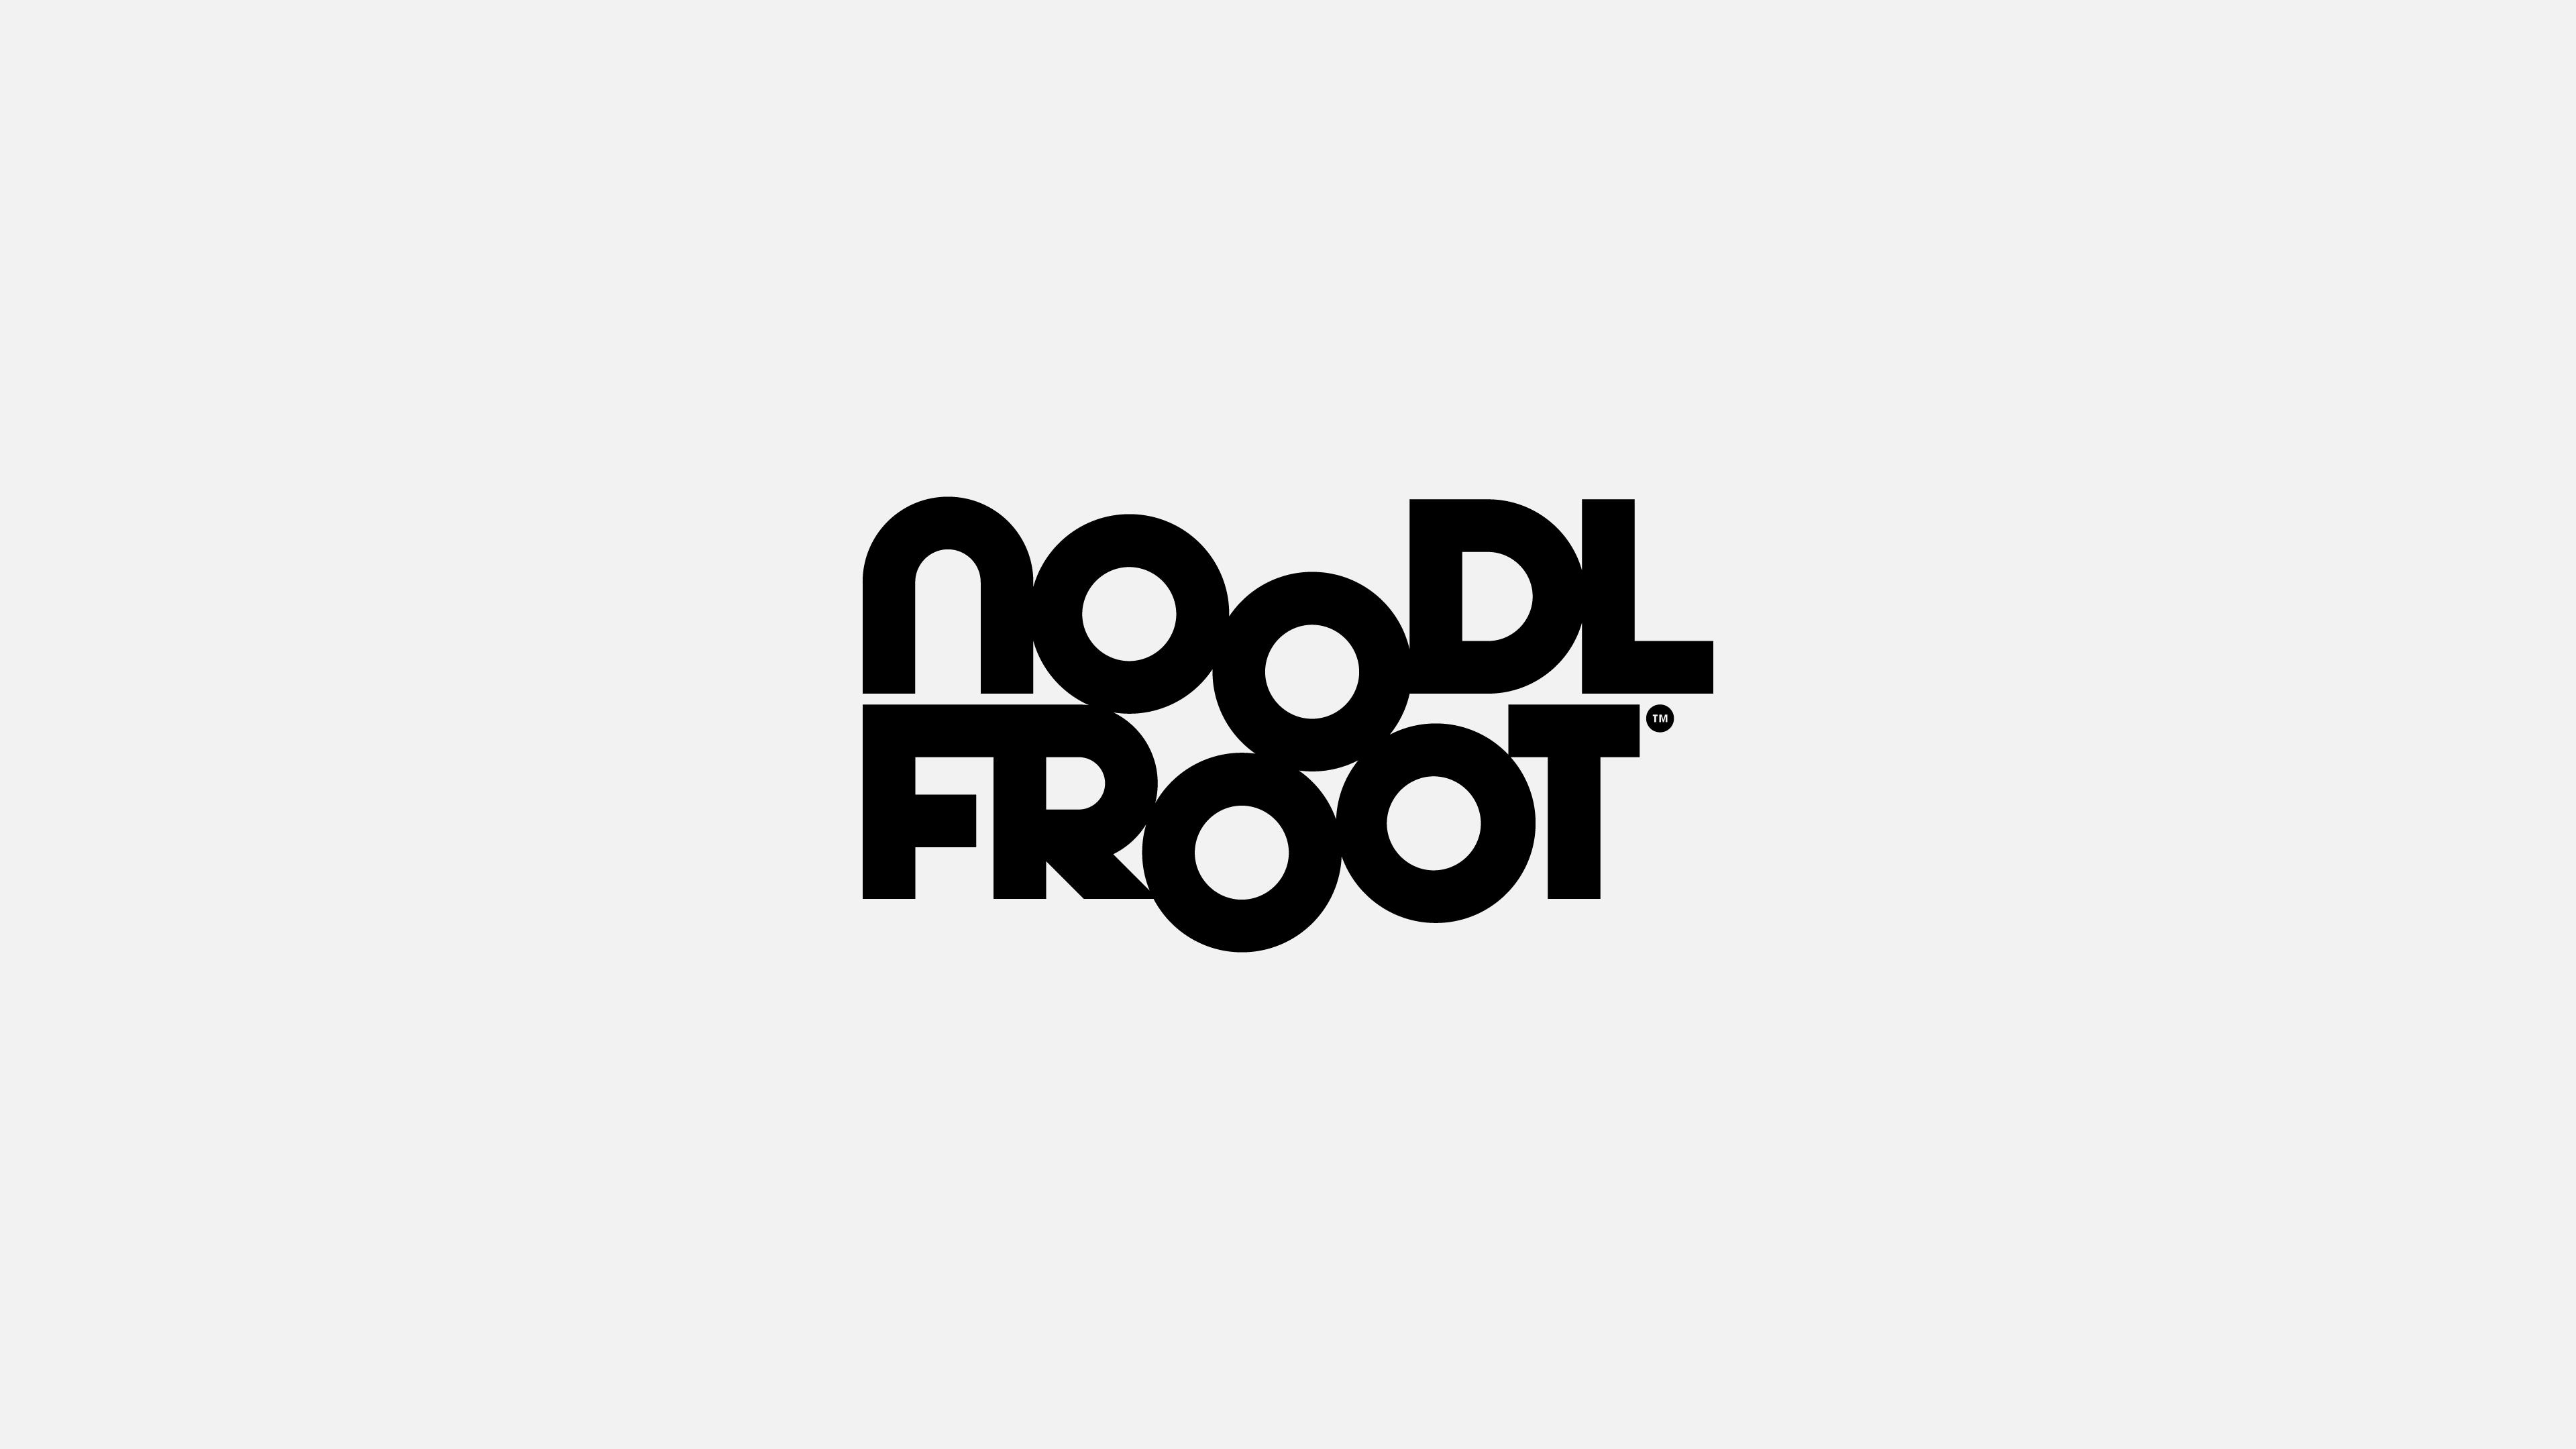 noodl@2x